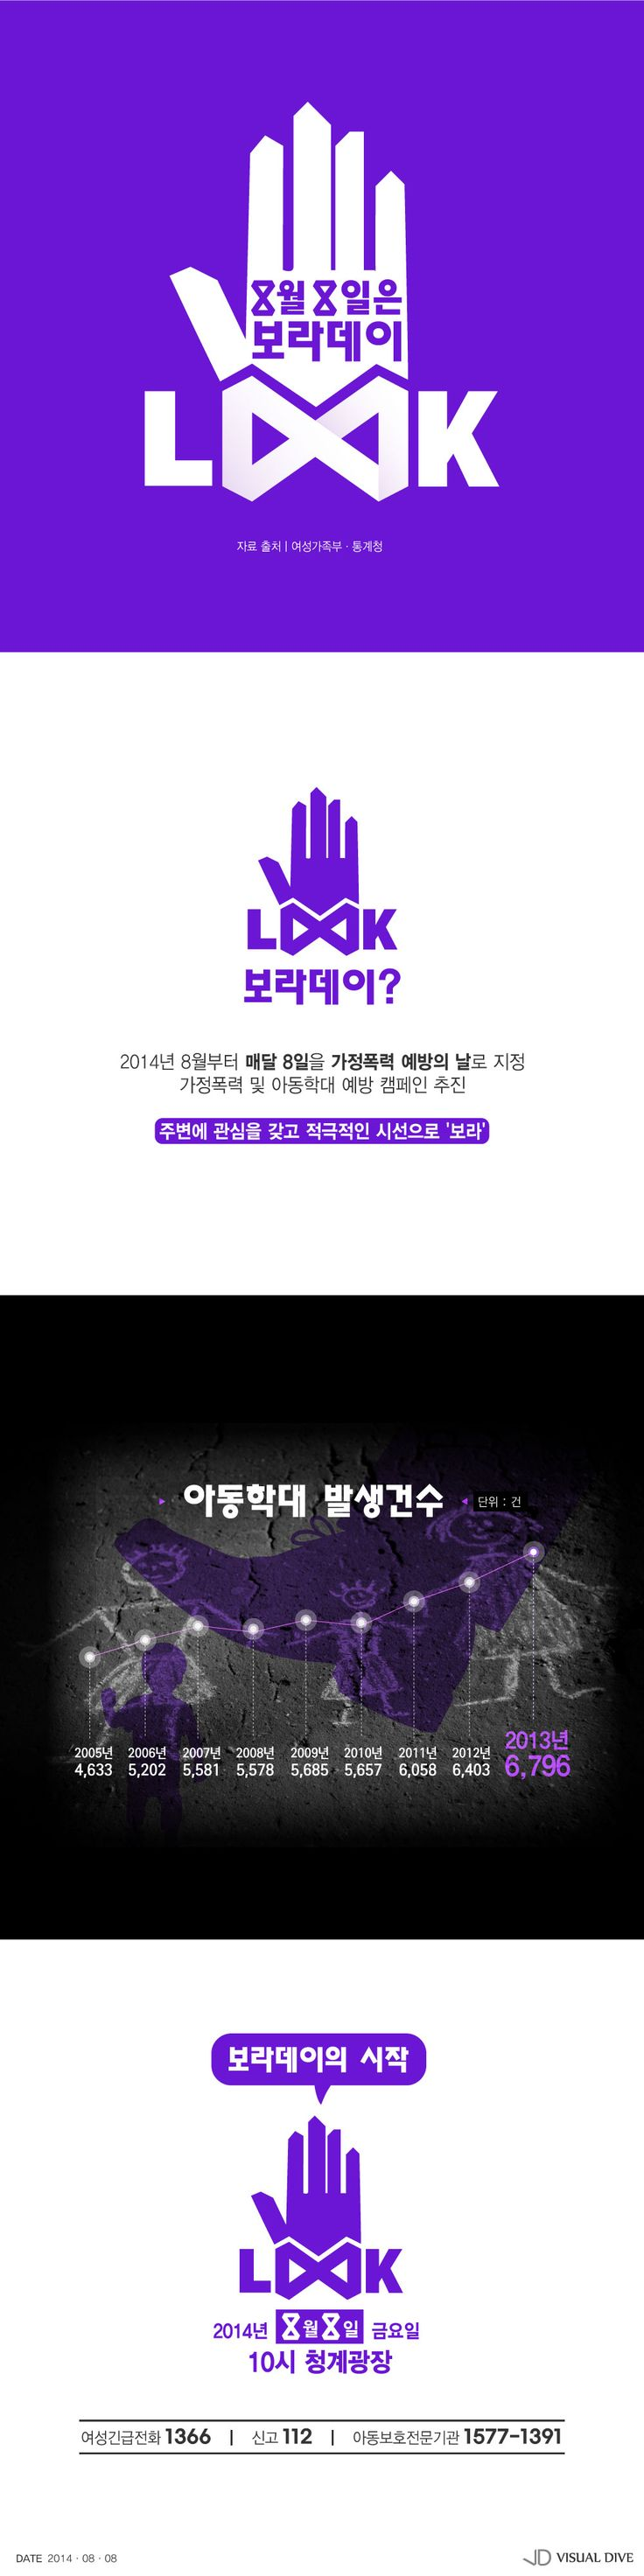 아동학대 예방을 위한 캠페인 8월 8일'보라데이' [인포그래픽] #LOOK AGIAN / #Infographic ⓒ 비주얼다이브 무단 복사·전재·재배포 금지